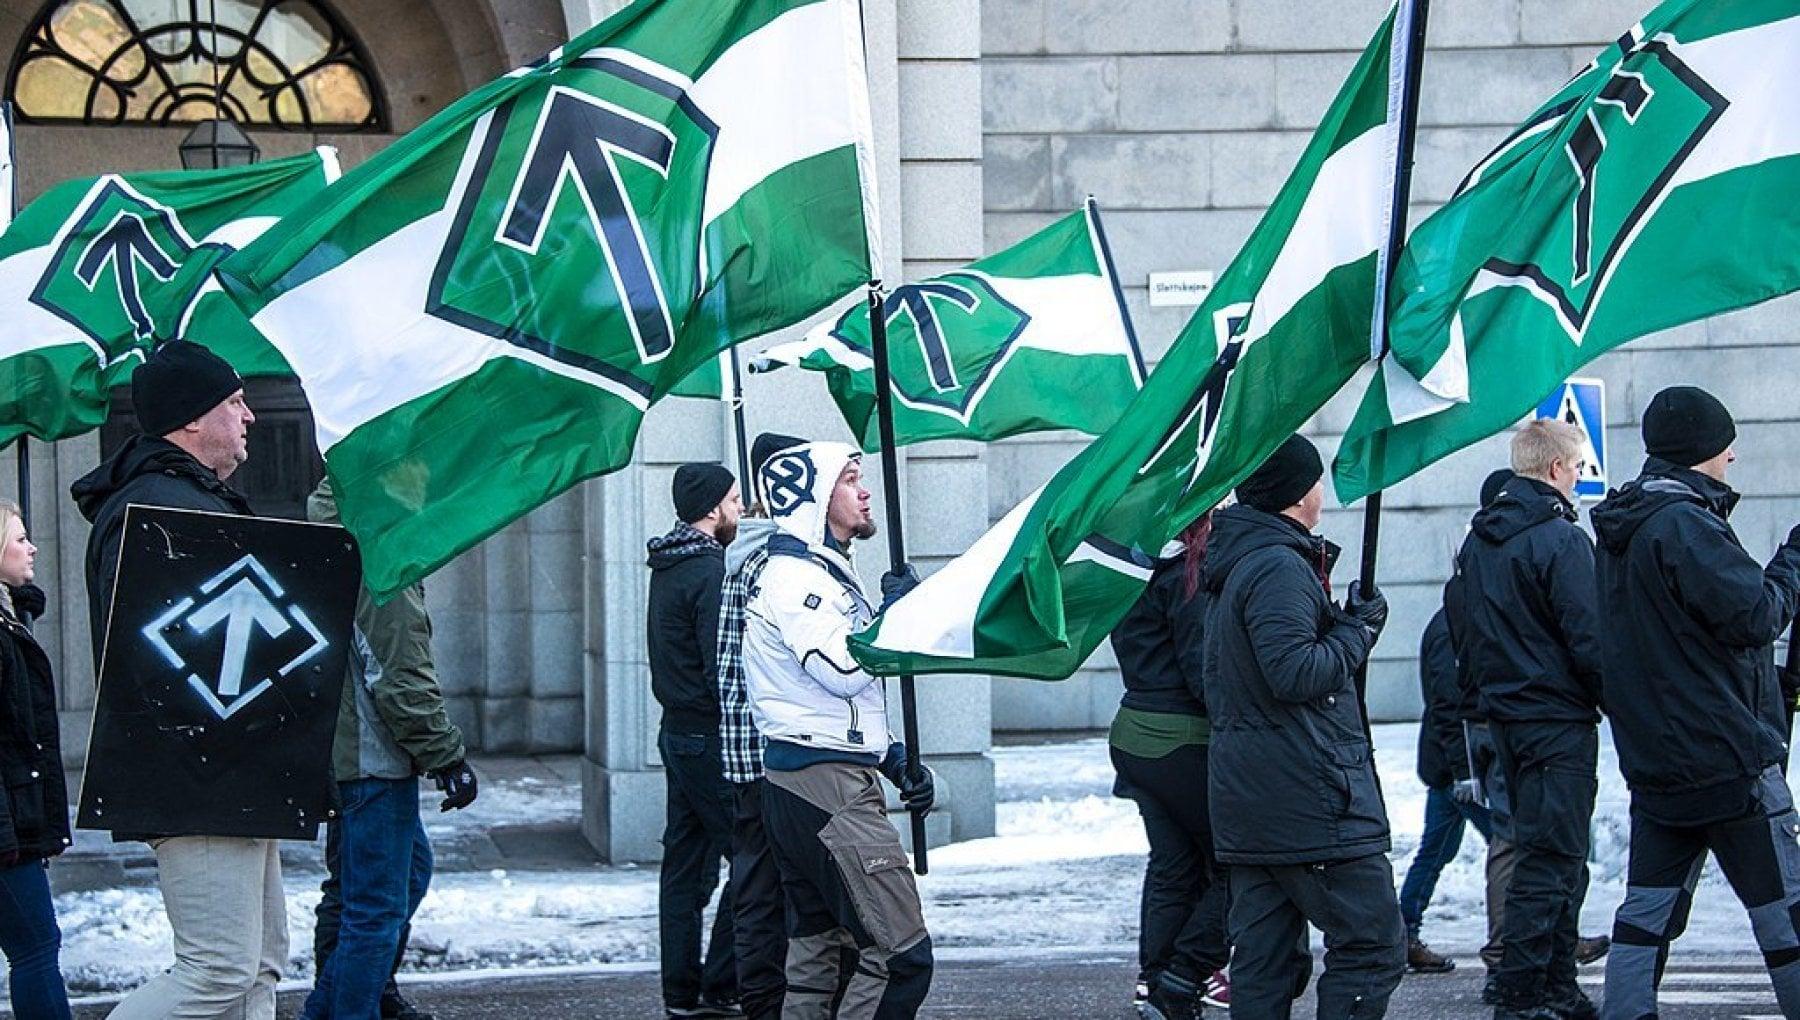 Linternazionale neonazista contro il vaccino anti Covid